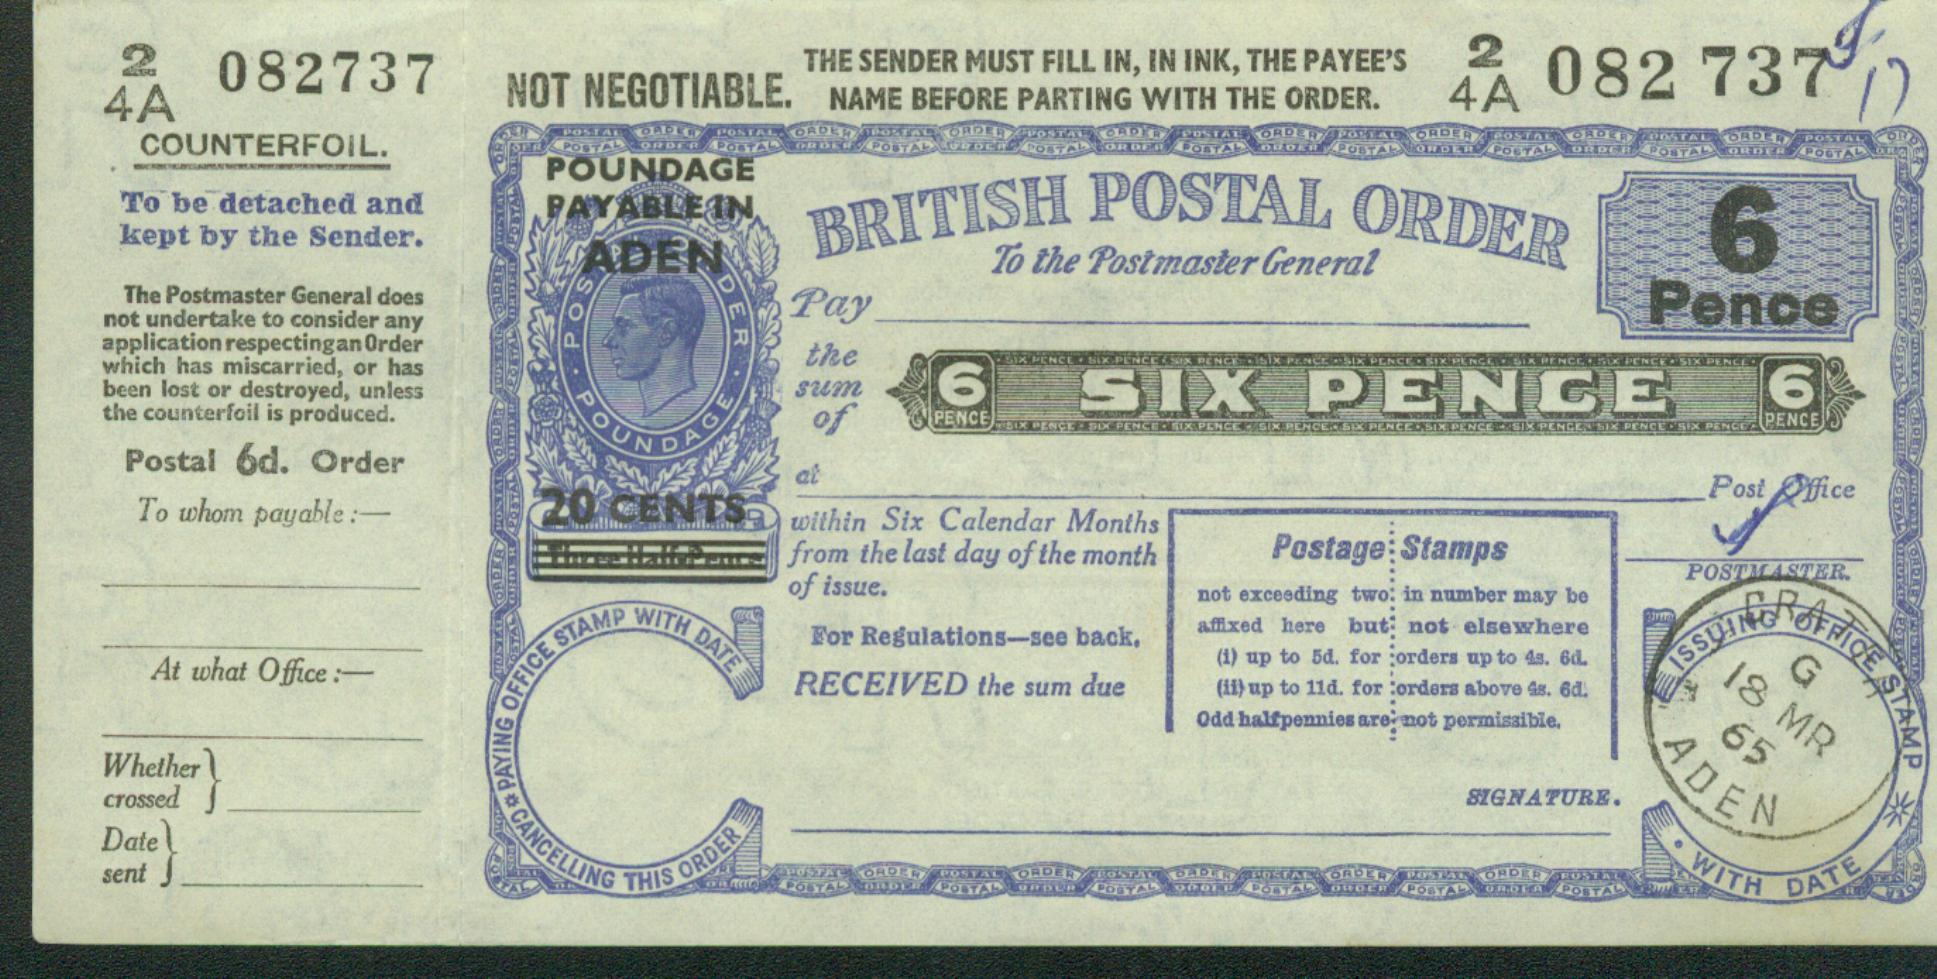 Aden postal order